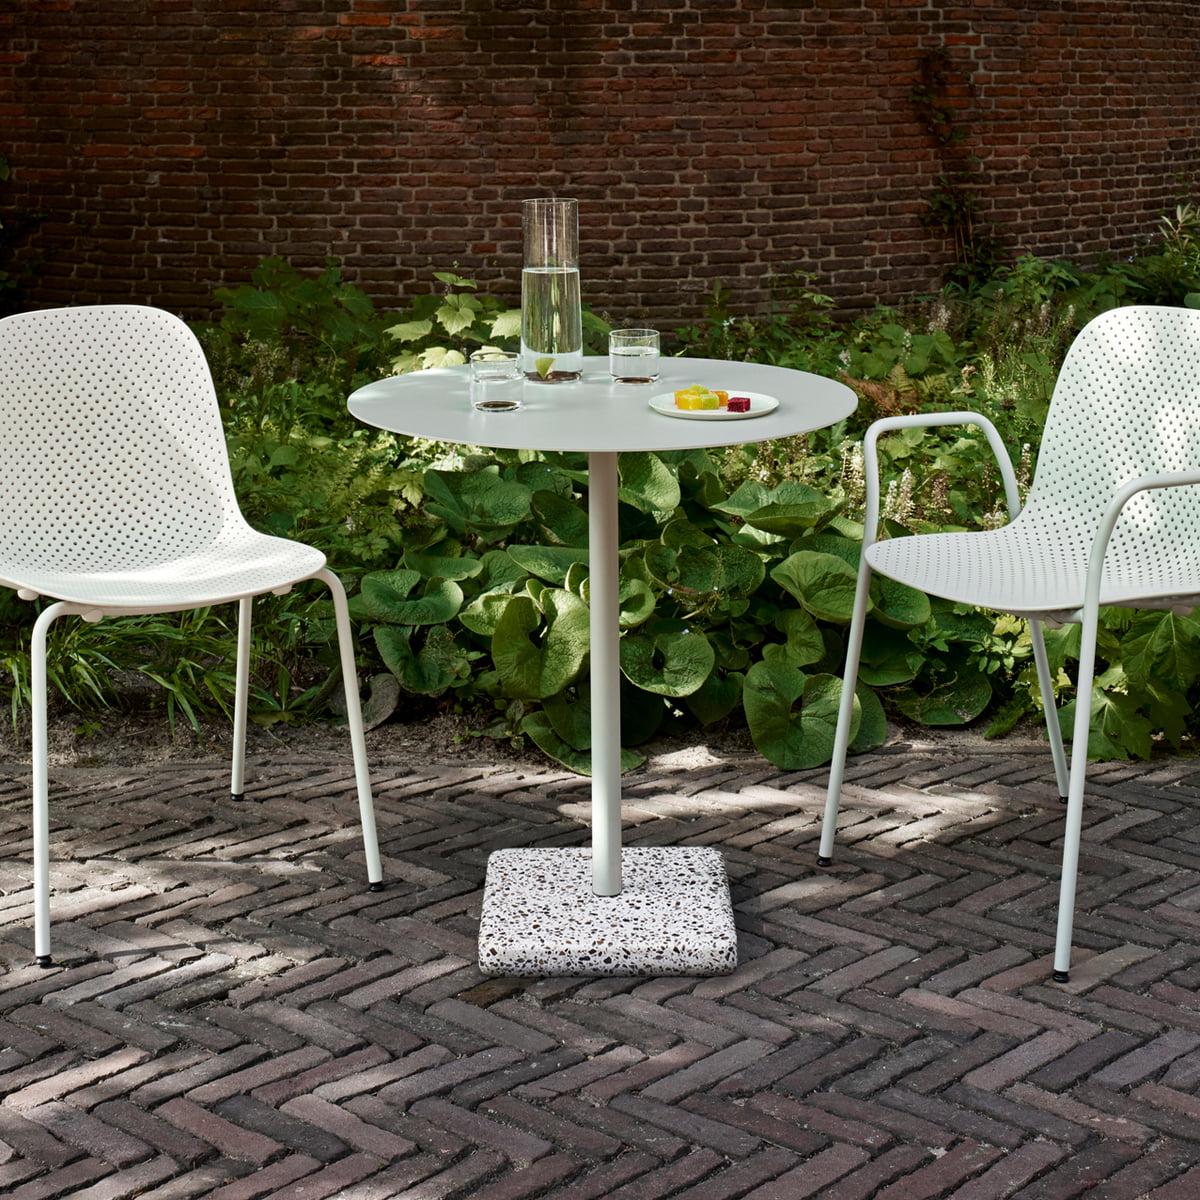 terrazzo tisch rund von hay im shop kaufen. Black Bedroom Furniture Sets. Home Design Ideas